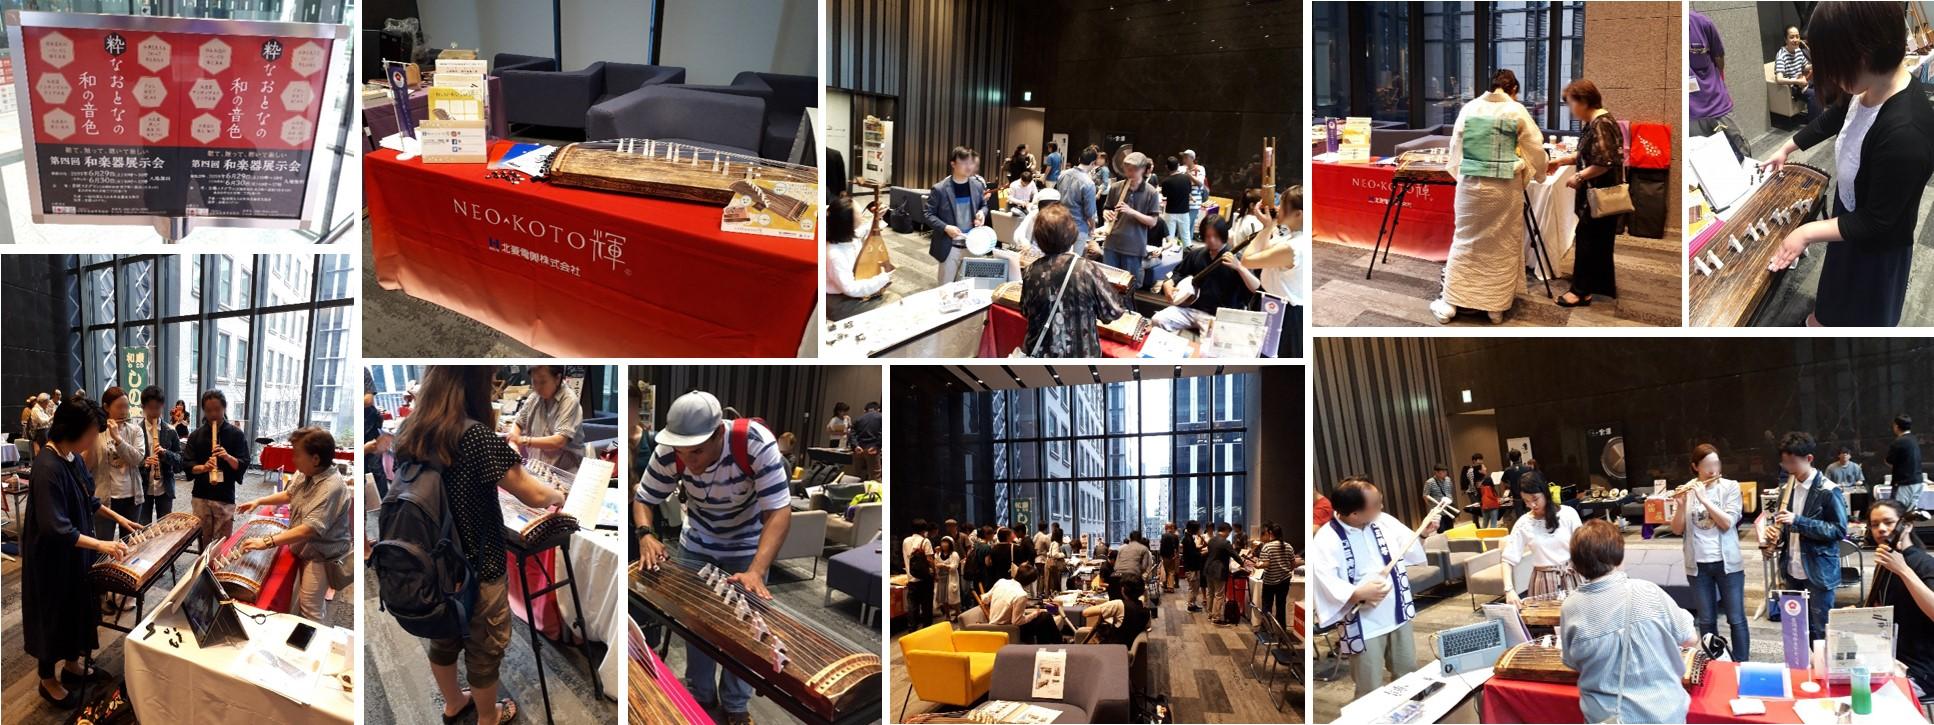 2019年6月29日、30日:第四回和楽器展示会に出展